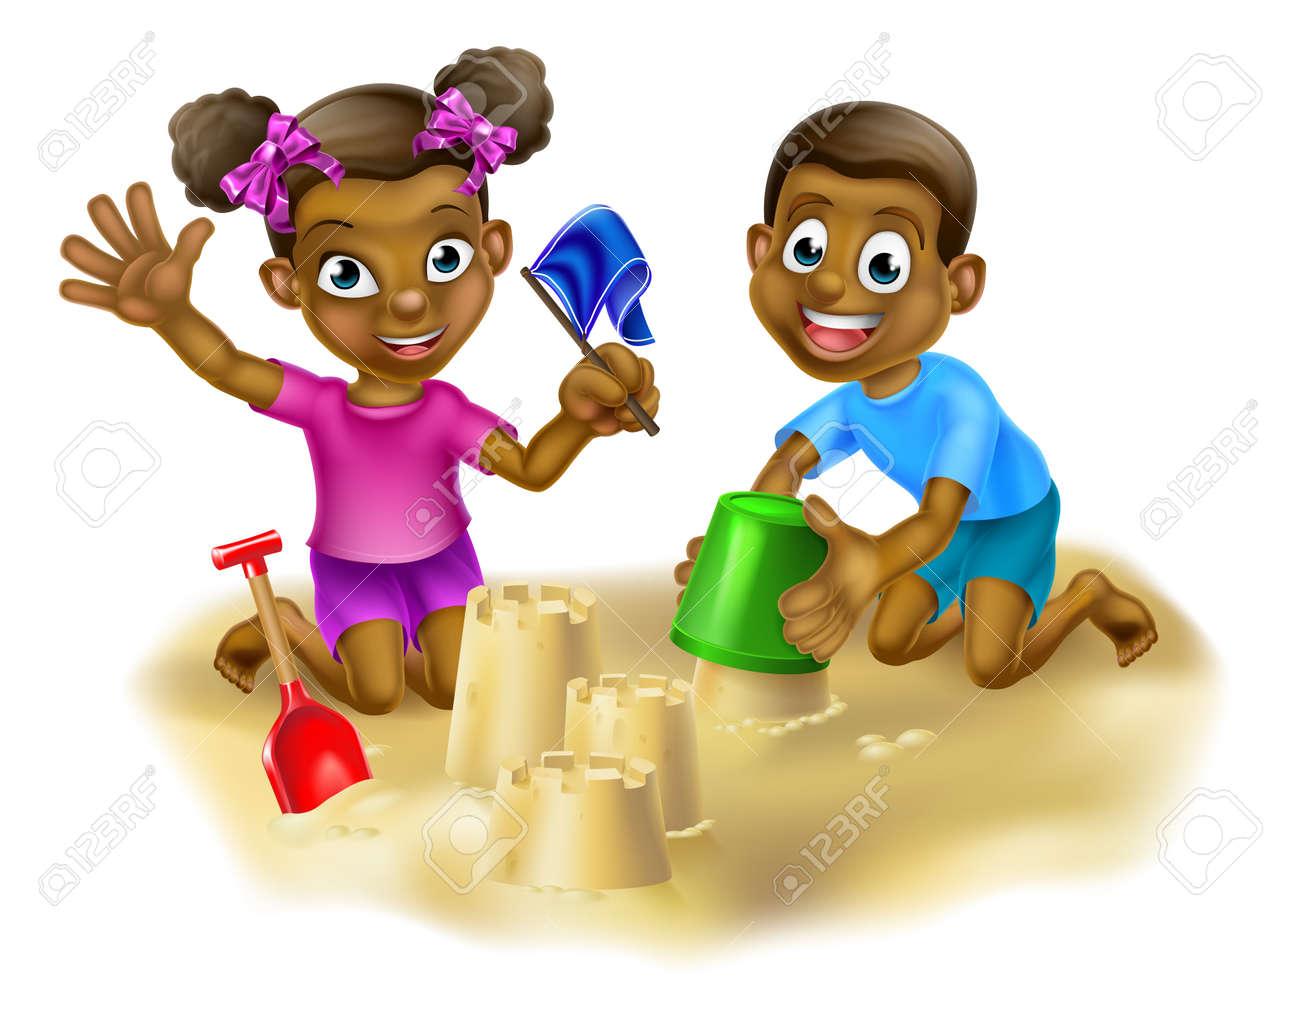 Los Dibujos Animados Niños Y Niñas Jugando En Un Foso De Arena O En